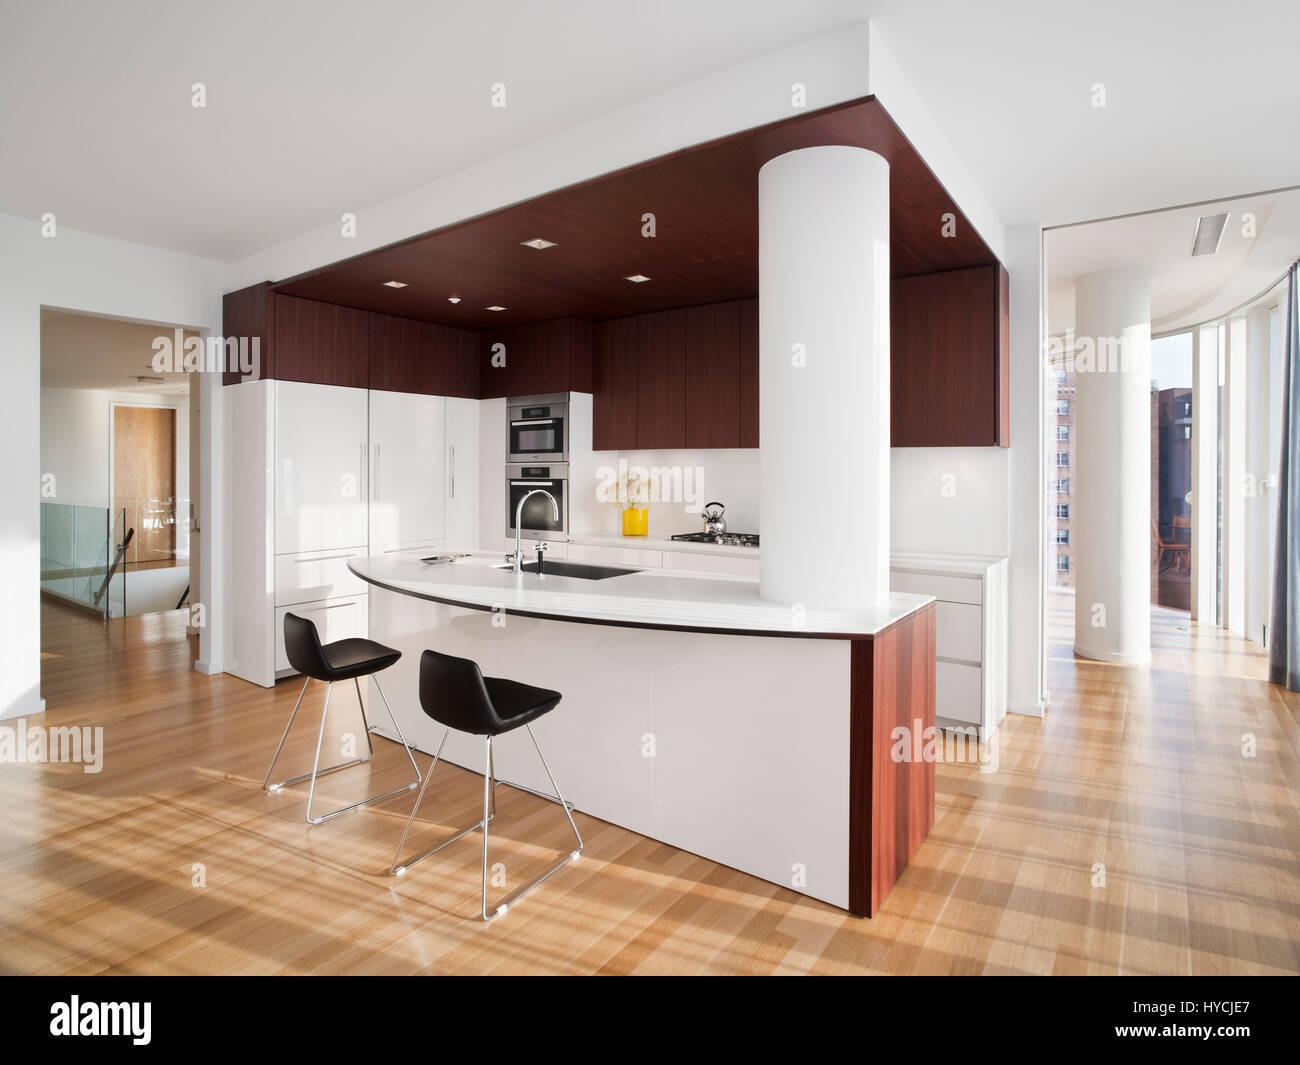 GroB Offene Küche Mit Insel In Einer Musterwohnung. Ein Jackson Square, New  York, Vereinigte Staaten Von Amerika. Architekt: Kohn Pedersen Fox  Associates (KPF), ...